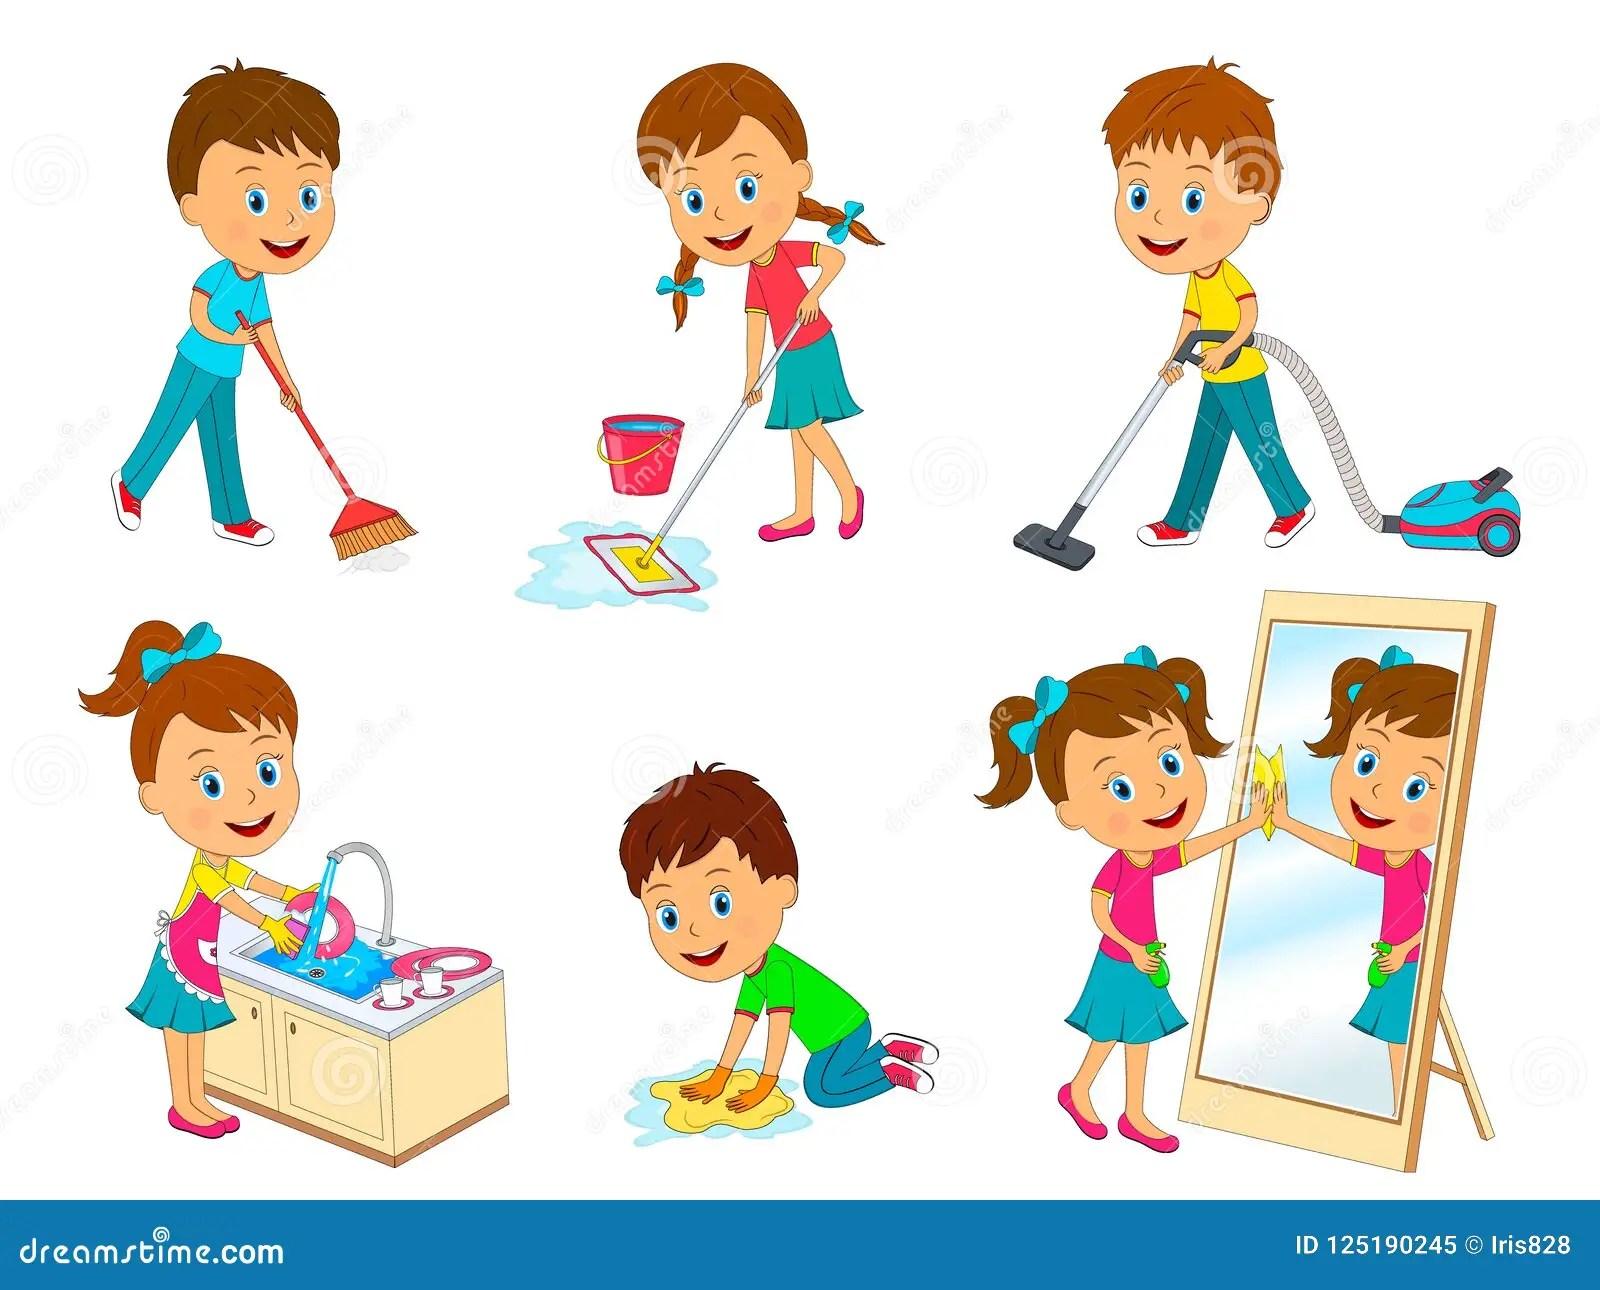 Kids Doing Chores Stock Vector Illustration Of Children